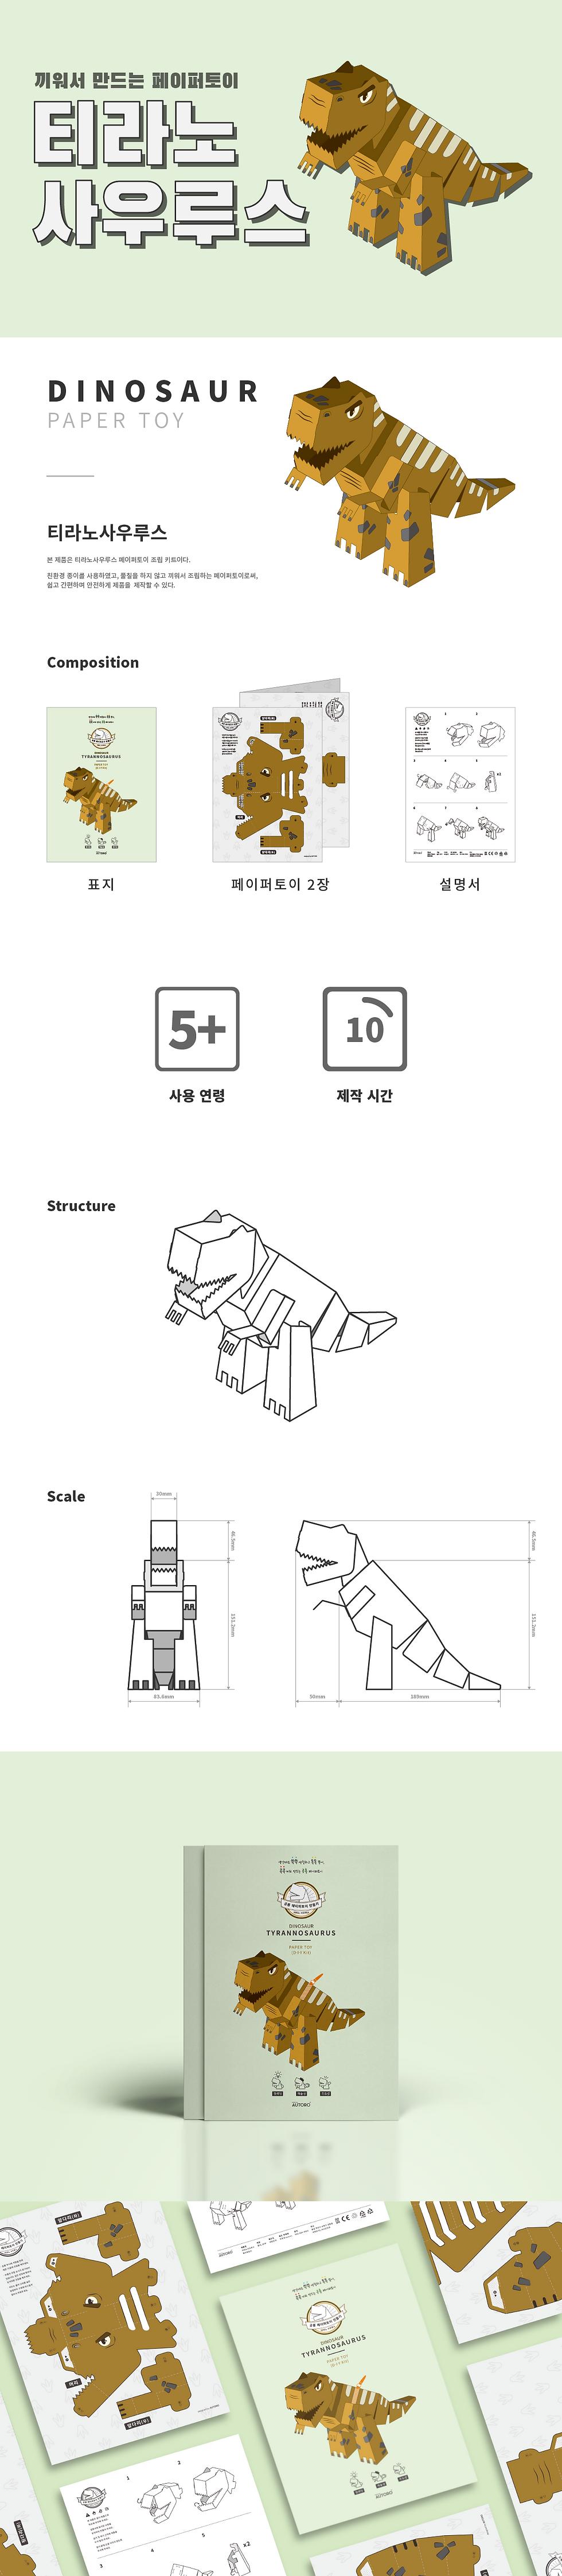 01-28. 공룡_티라노사우루스_상세페이지.png